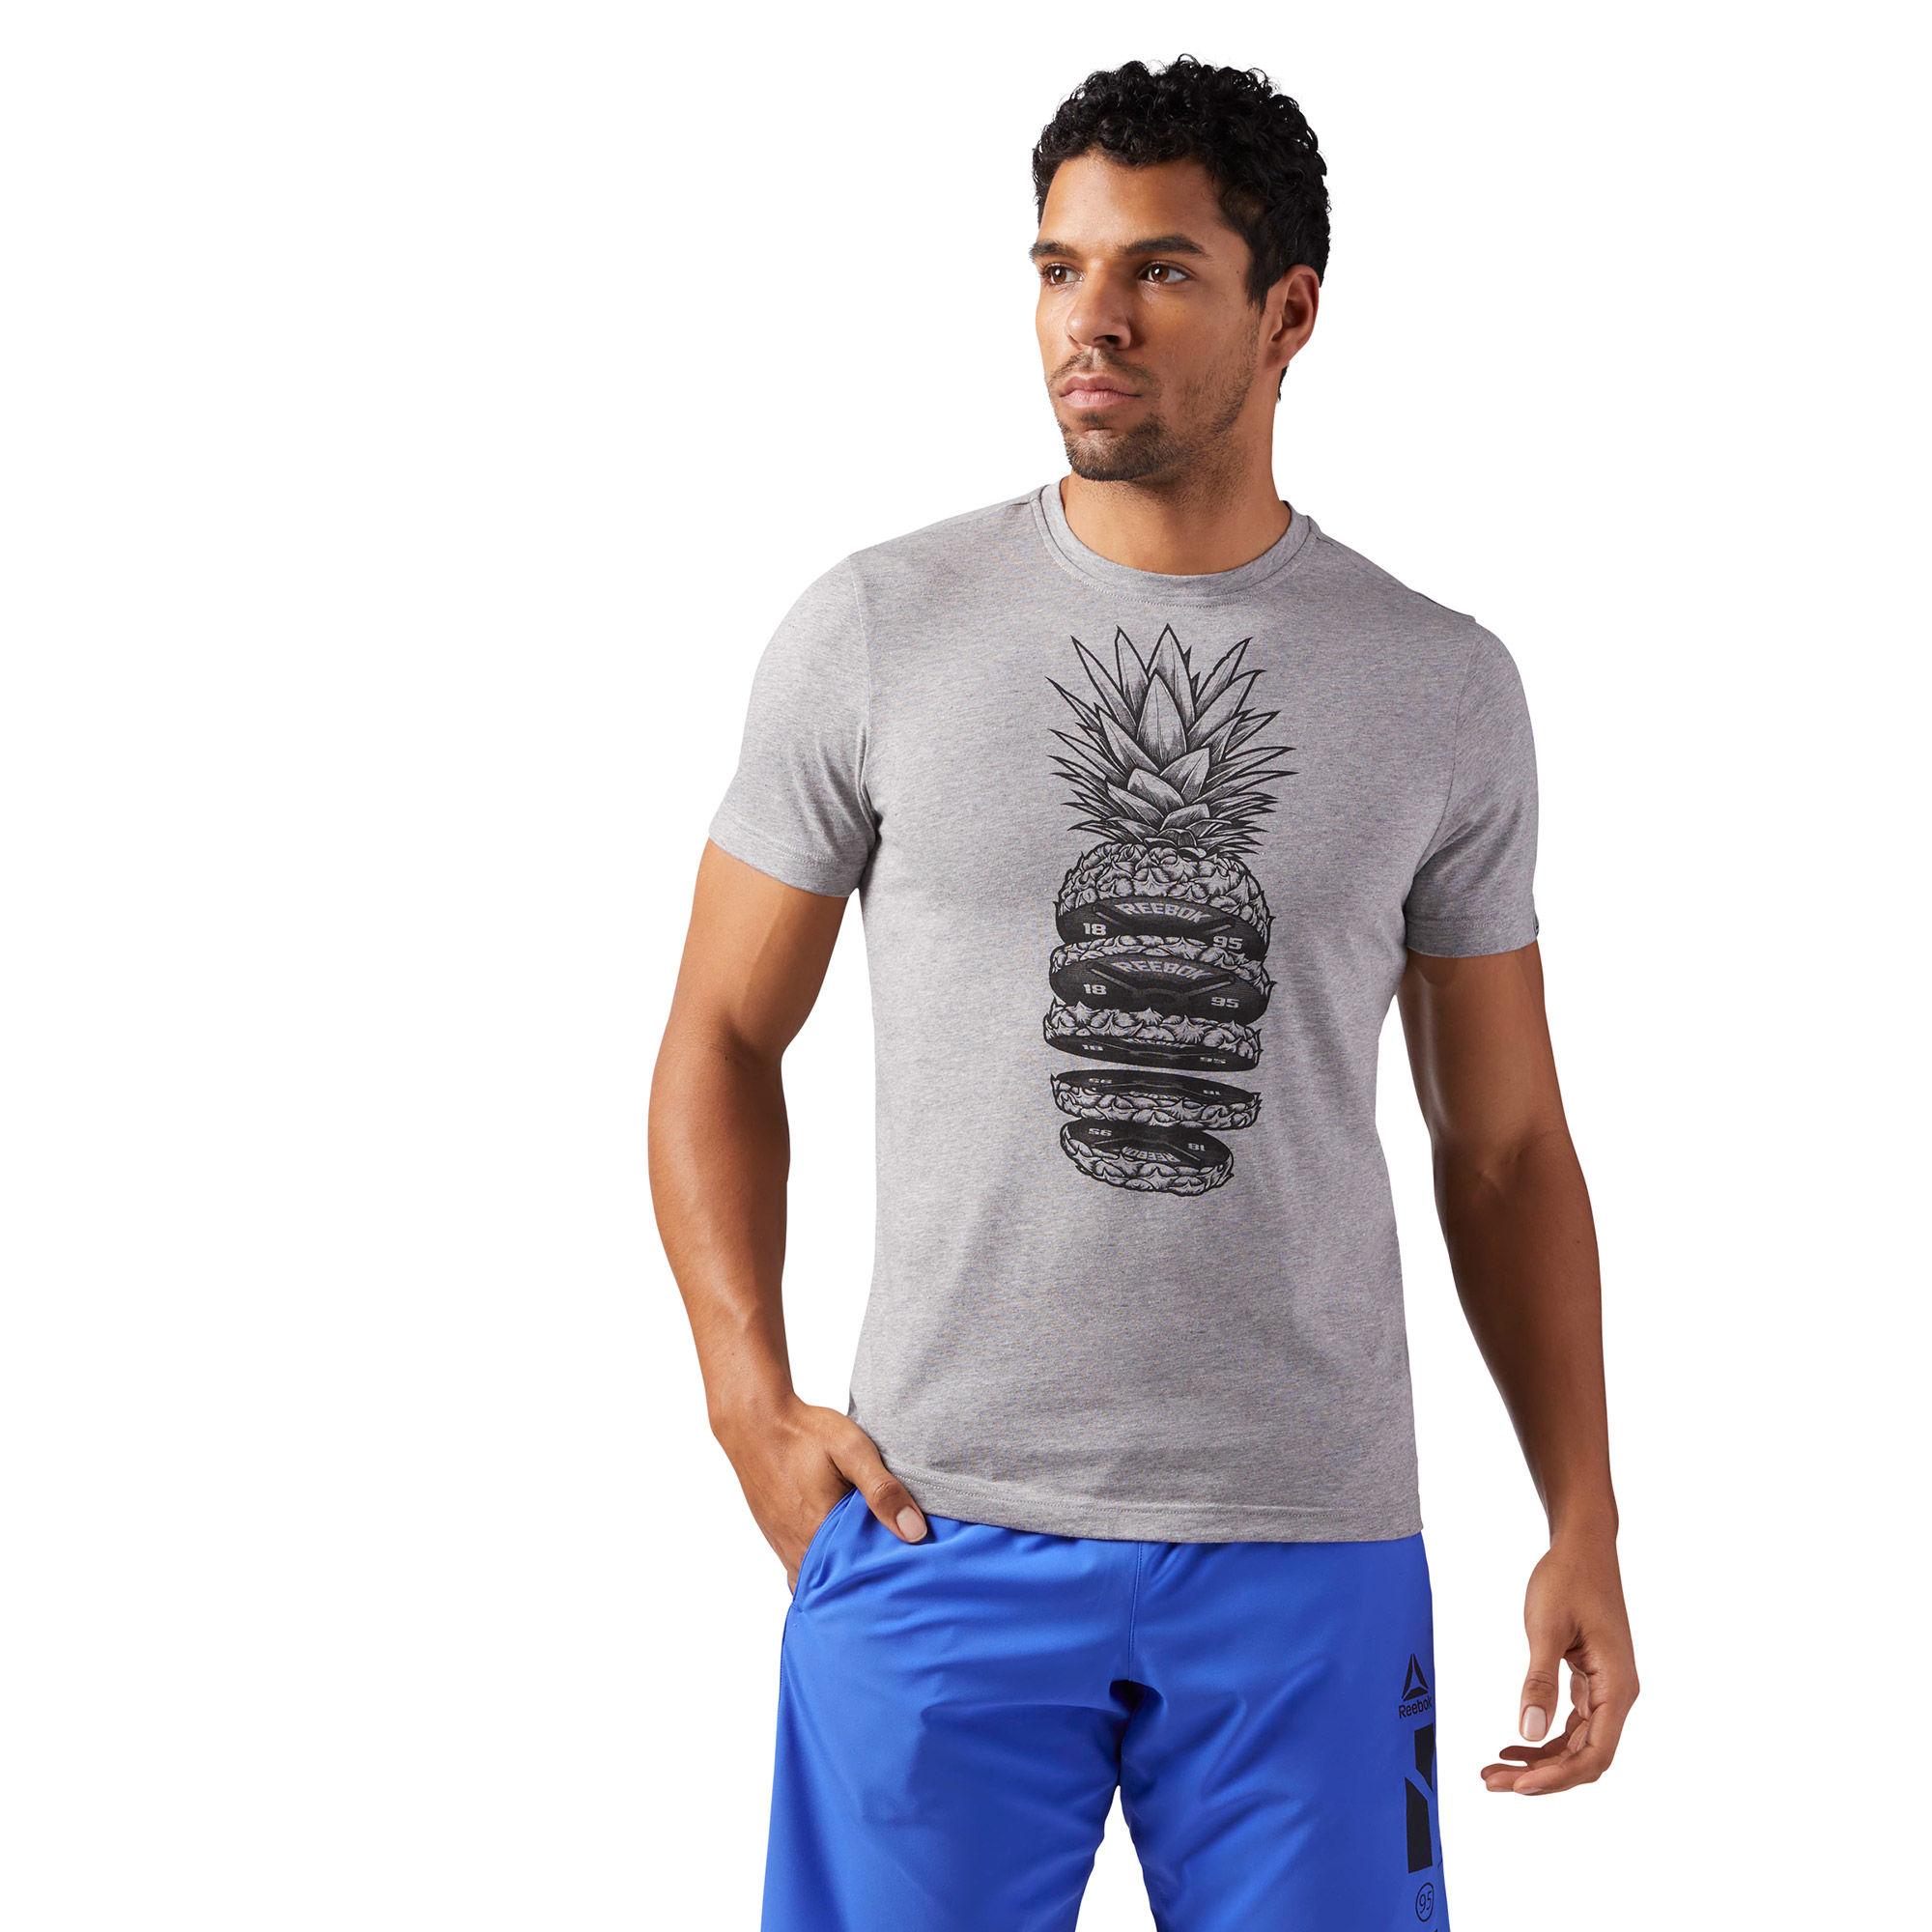 Футболка мужская Reebok Pineapple Weights, цвет: серый. CF3860. Размер XXL (60/62)CF3860Удобная и стильная футболка от Reebok на каждый день. Она также отлично подойдет для тренировок, а классический круглый ворот выступает модным элементом дизайна. Эффектный принт спереди обращает на себя внимание.